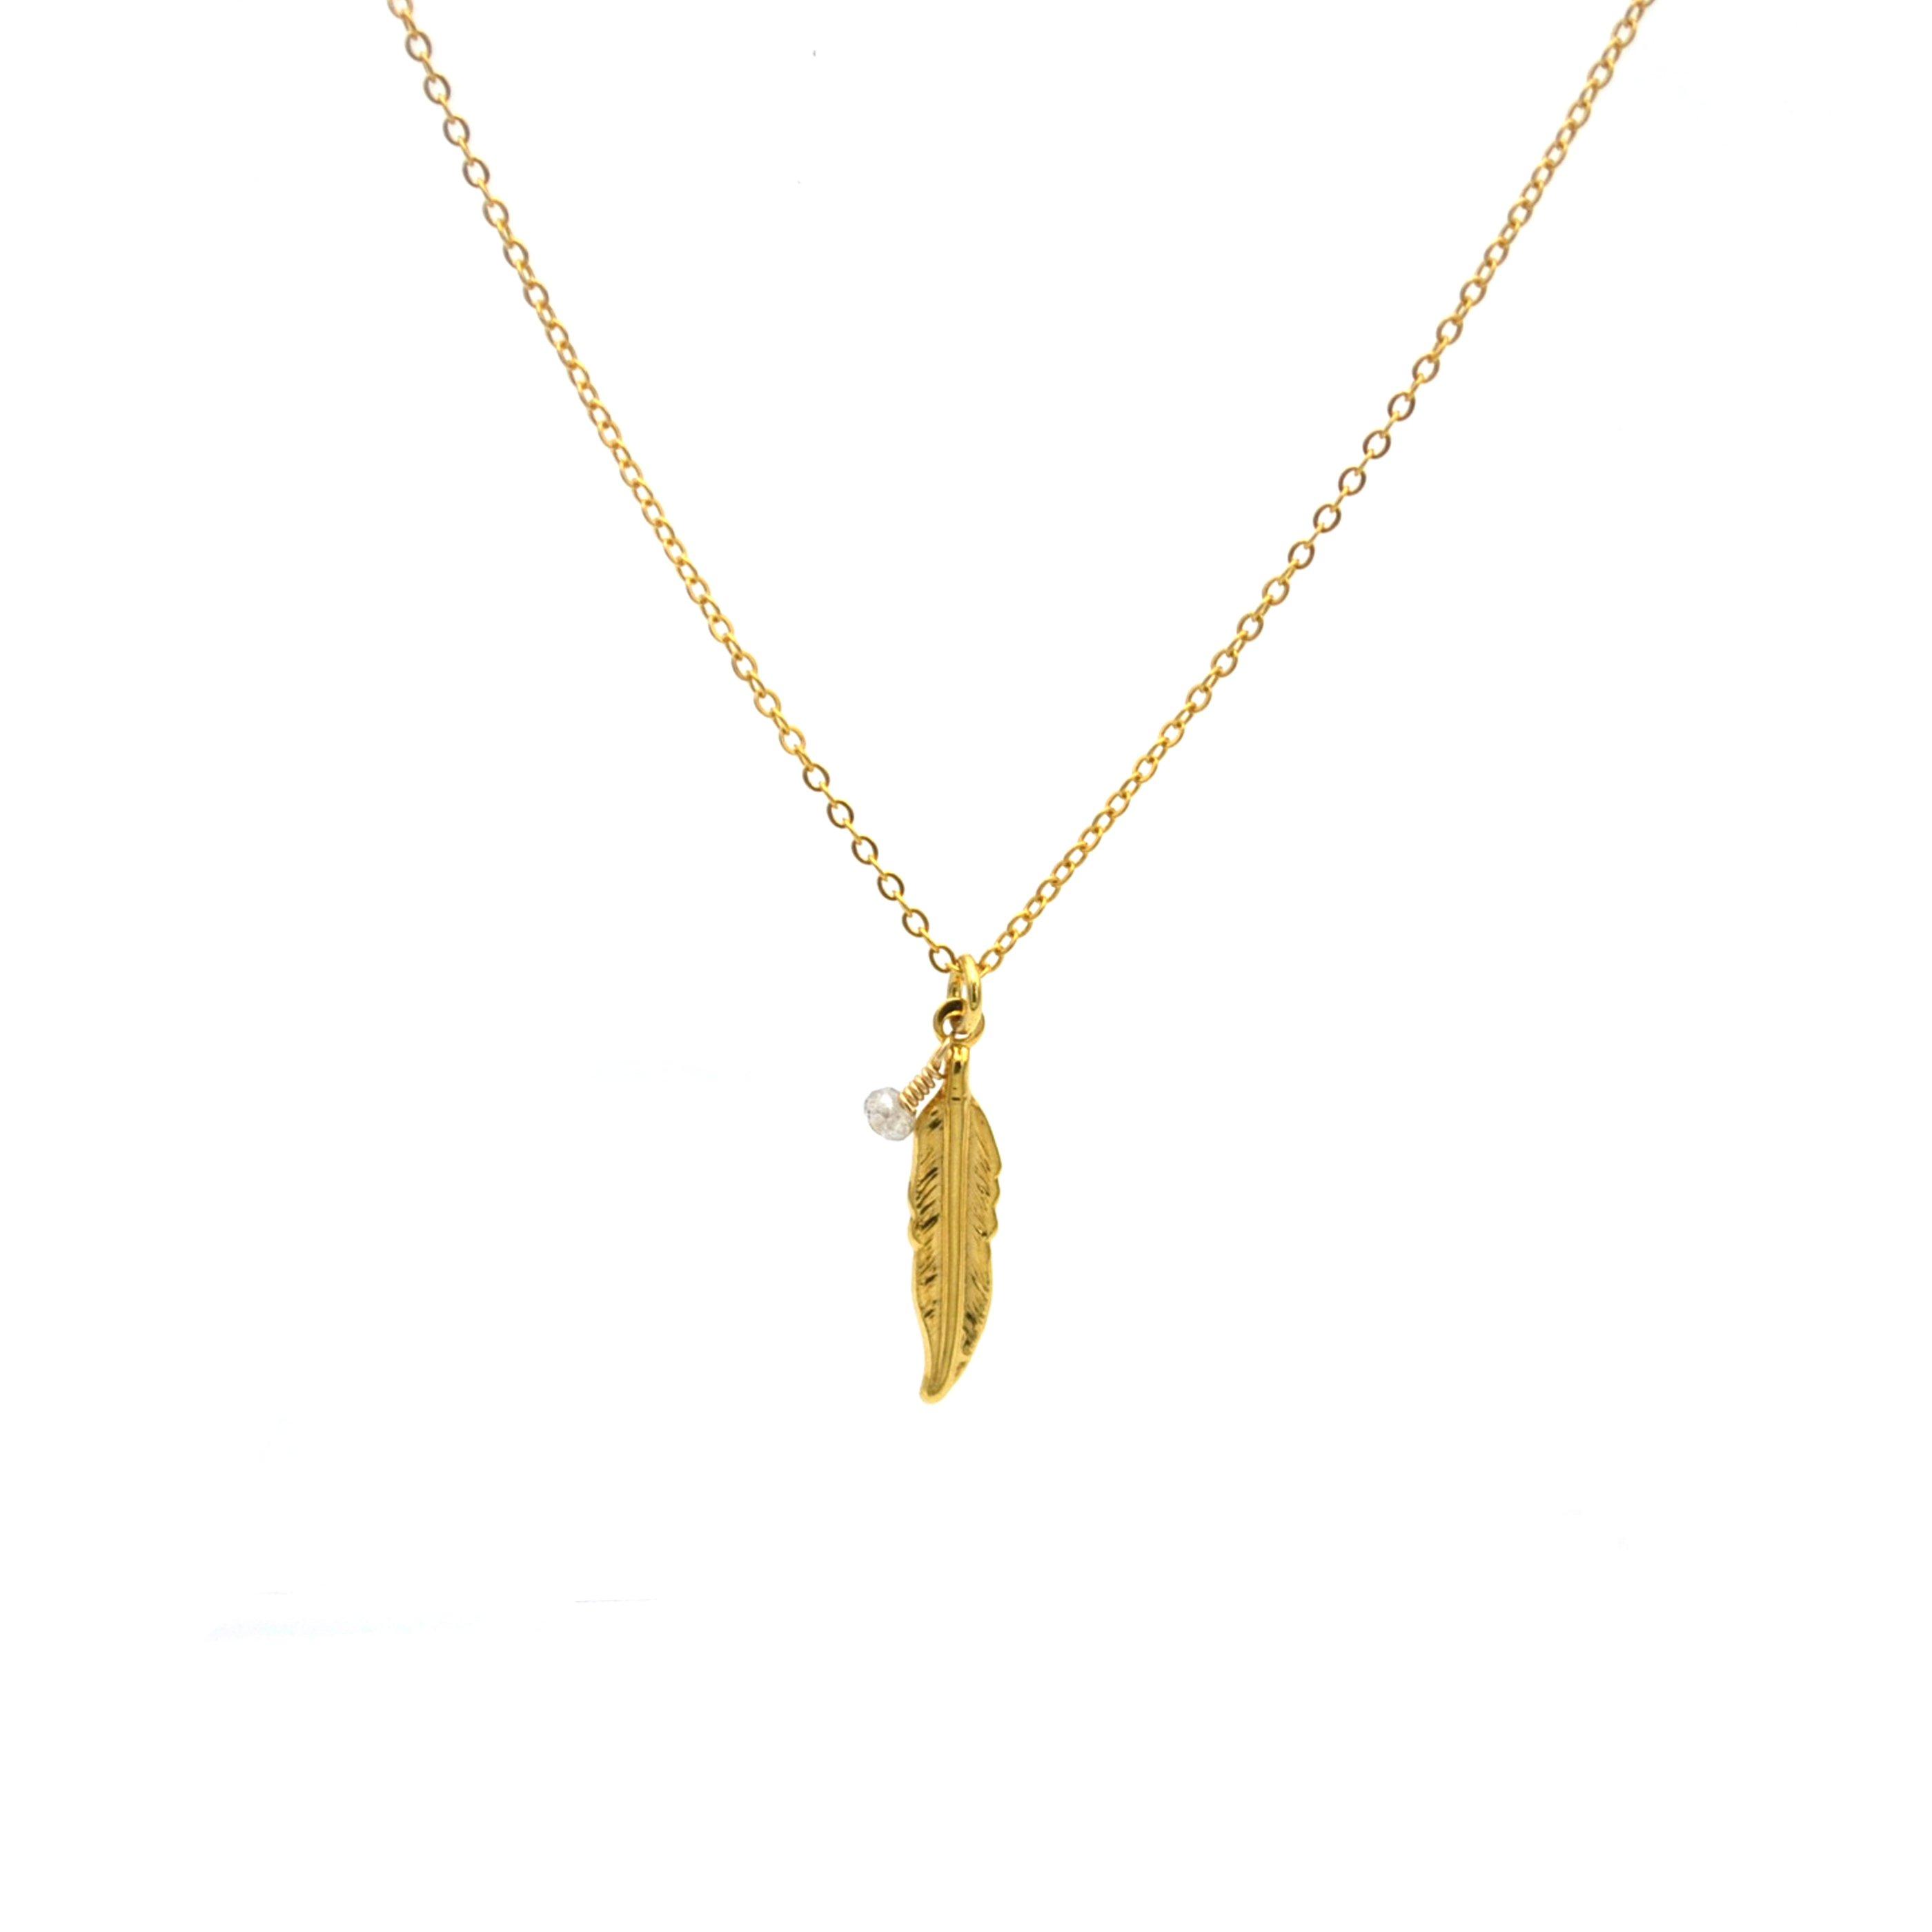 collier,plume,plaqué or,pépite bijoux,or,ethnique,bohème,tendance,bijoux,indien